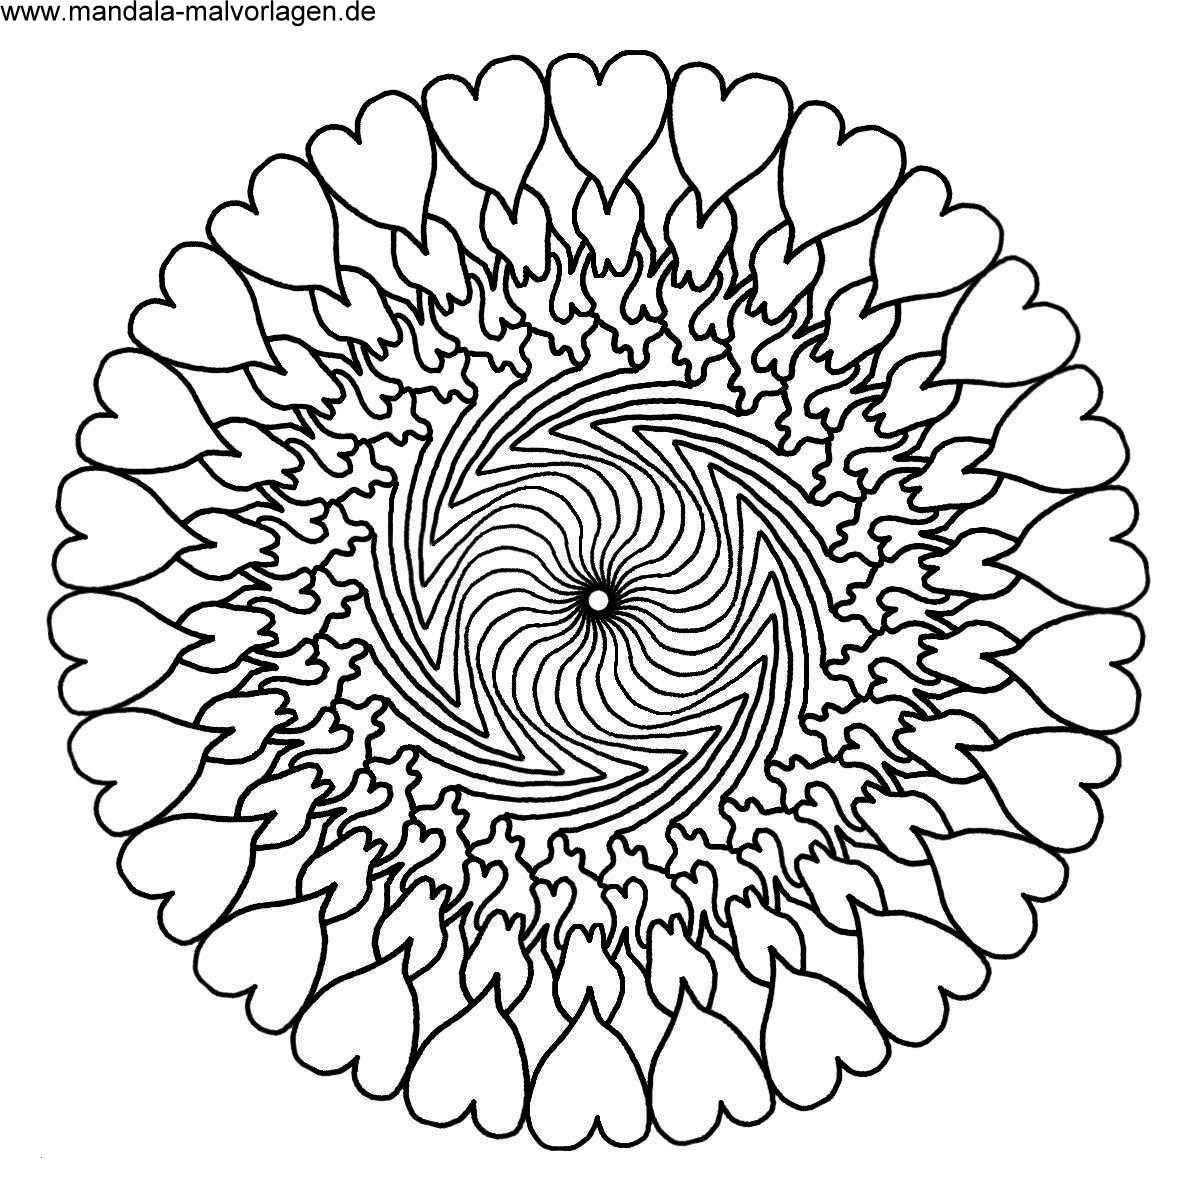 Ausmalbilder Rosen Das Beste Von Mandalas Zum Ausmalen Rosen Galerie